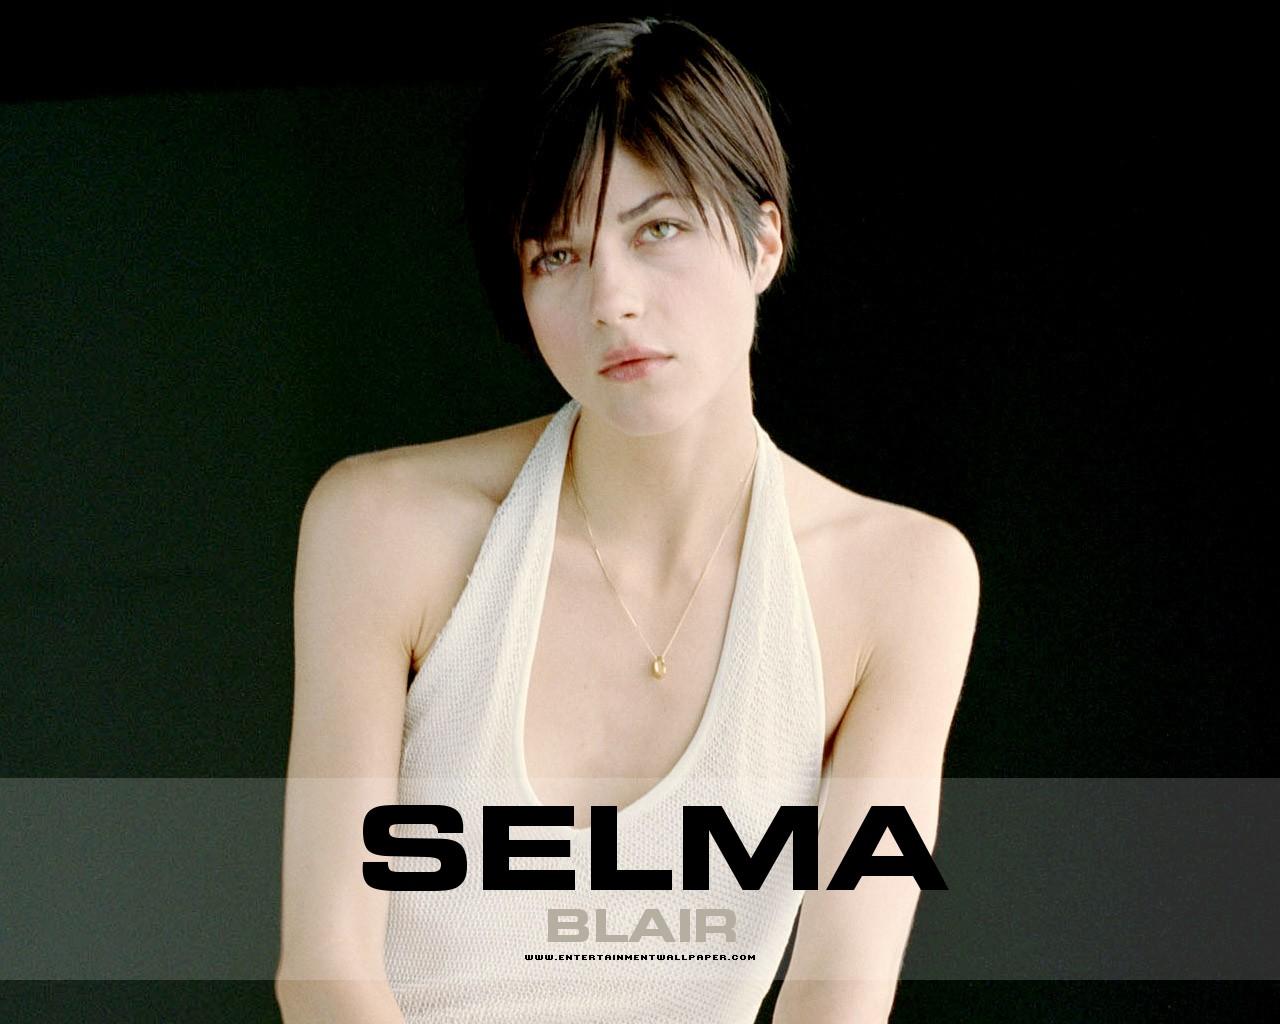 http://4.bp.blogspot.com/-qpim_02hW3k/Tk_Ck8vFiUI/AAAAAAAAMDk/WDdlDinHW0c/s1600/selma_blair01.jpg